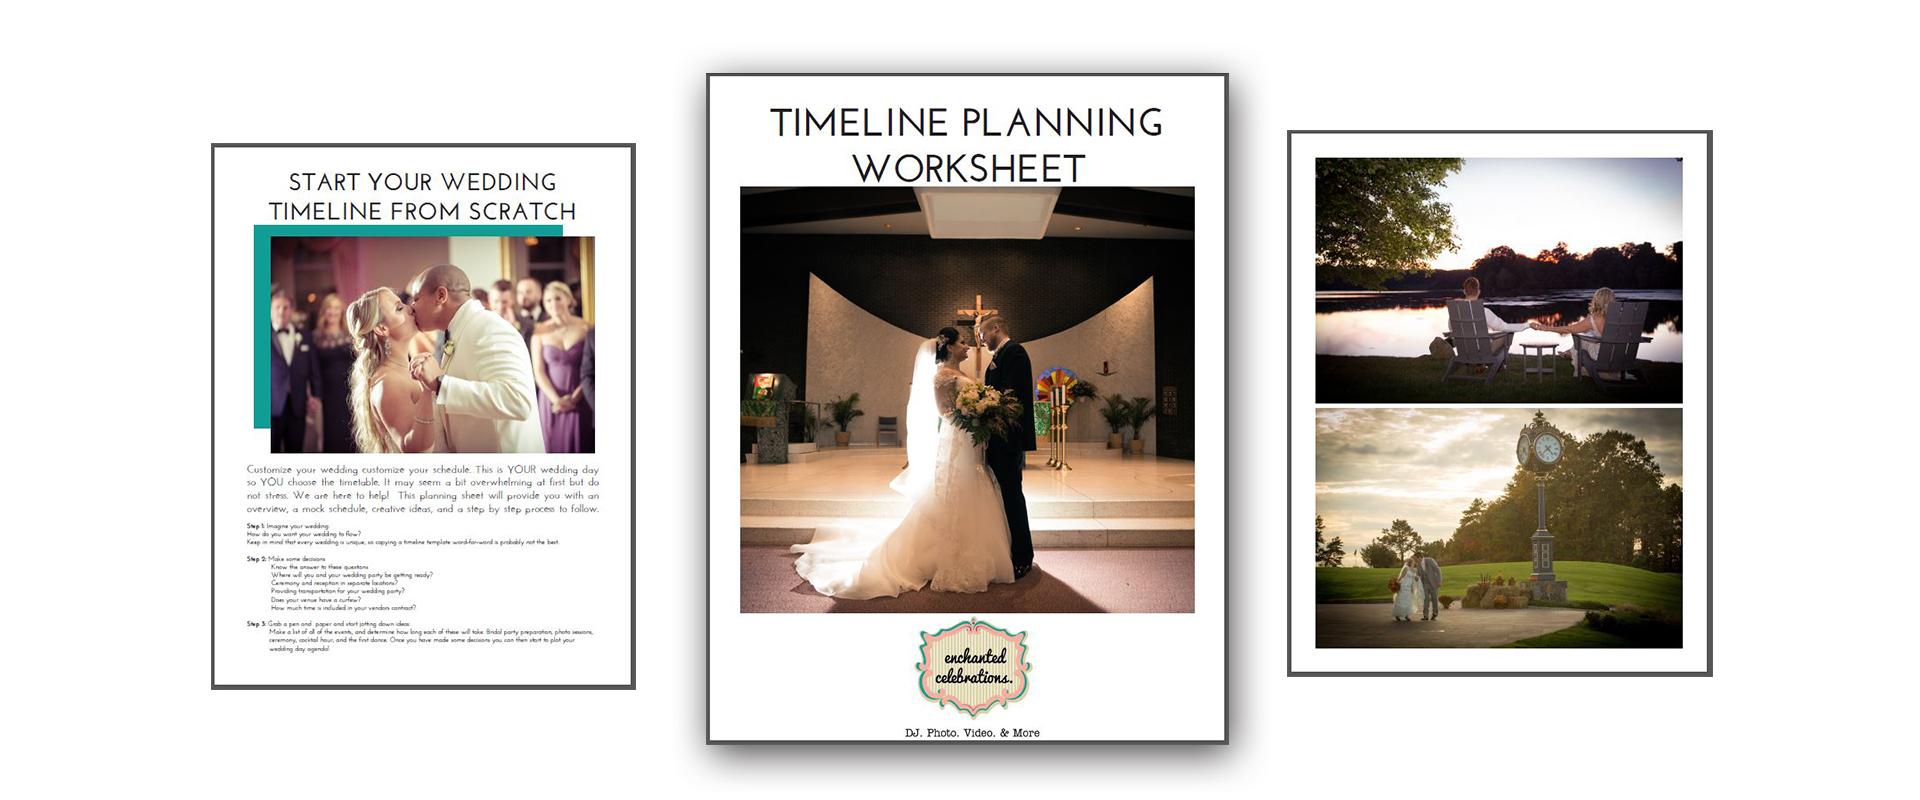 Timeline Planning Worksheet